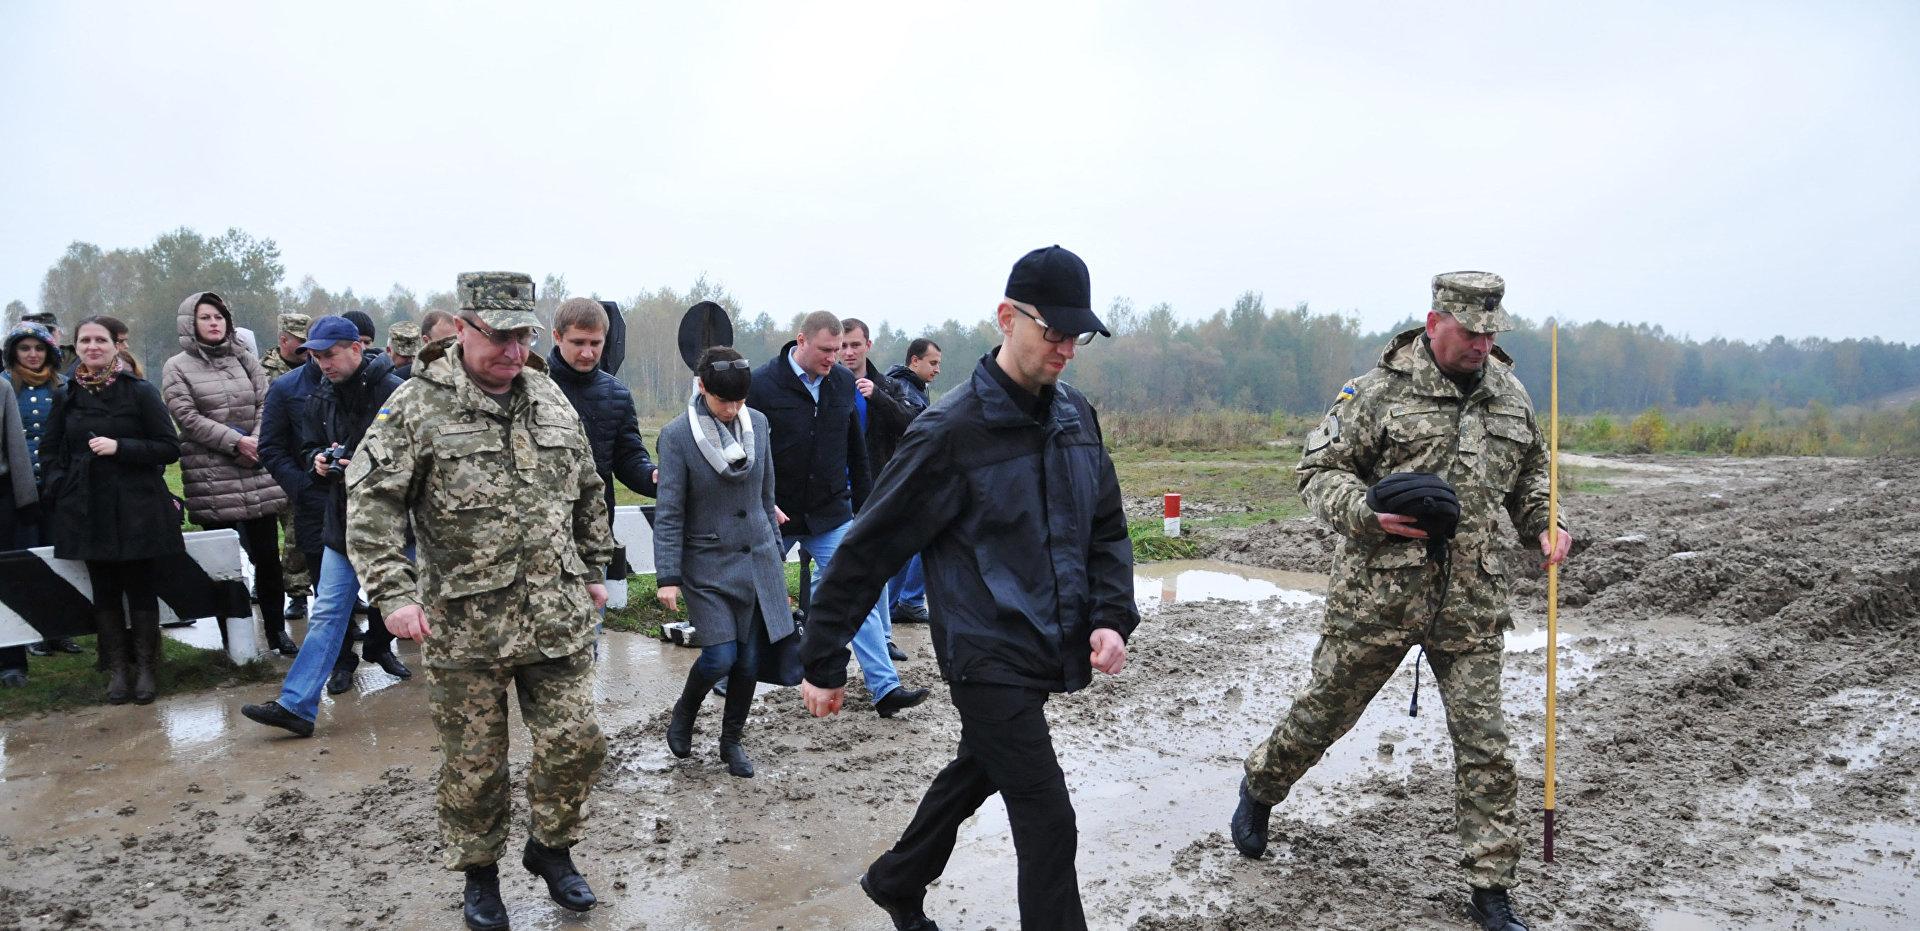 http://ukraina.ru/images/101246/72/1012467295.jpg